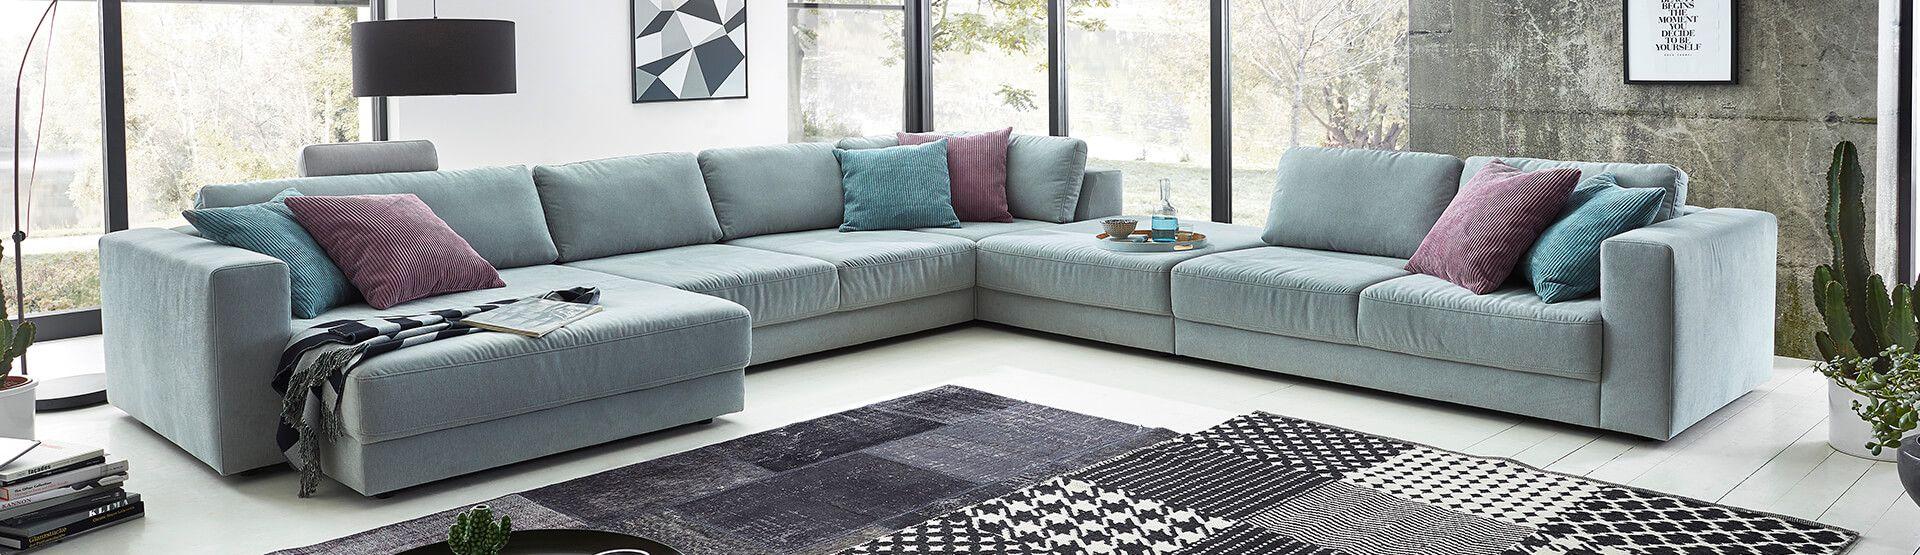 Full Size of Sofa Ratenzahlung Trotz Schufa Big Auf Raten Kaufen Ohne Couch Rechnung Als Neukunde Kare Flexform Weiß 3 Teilig Günstig Grau Regal Maß Elektrisch Garnitur Sofa Sofa Auf Raten